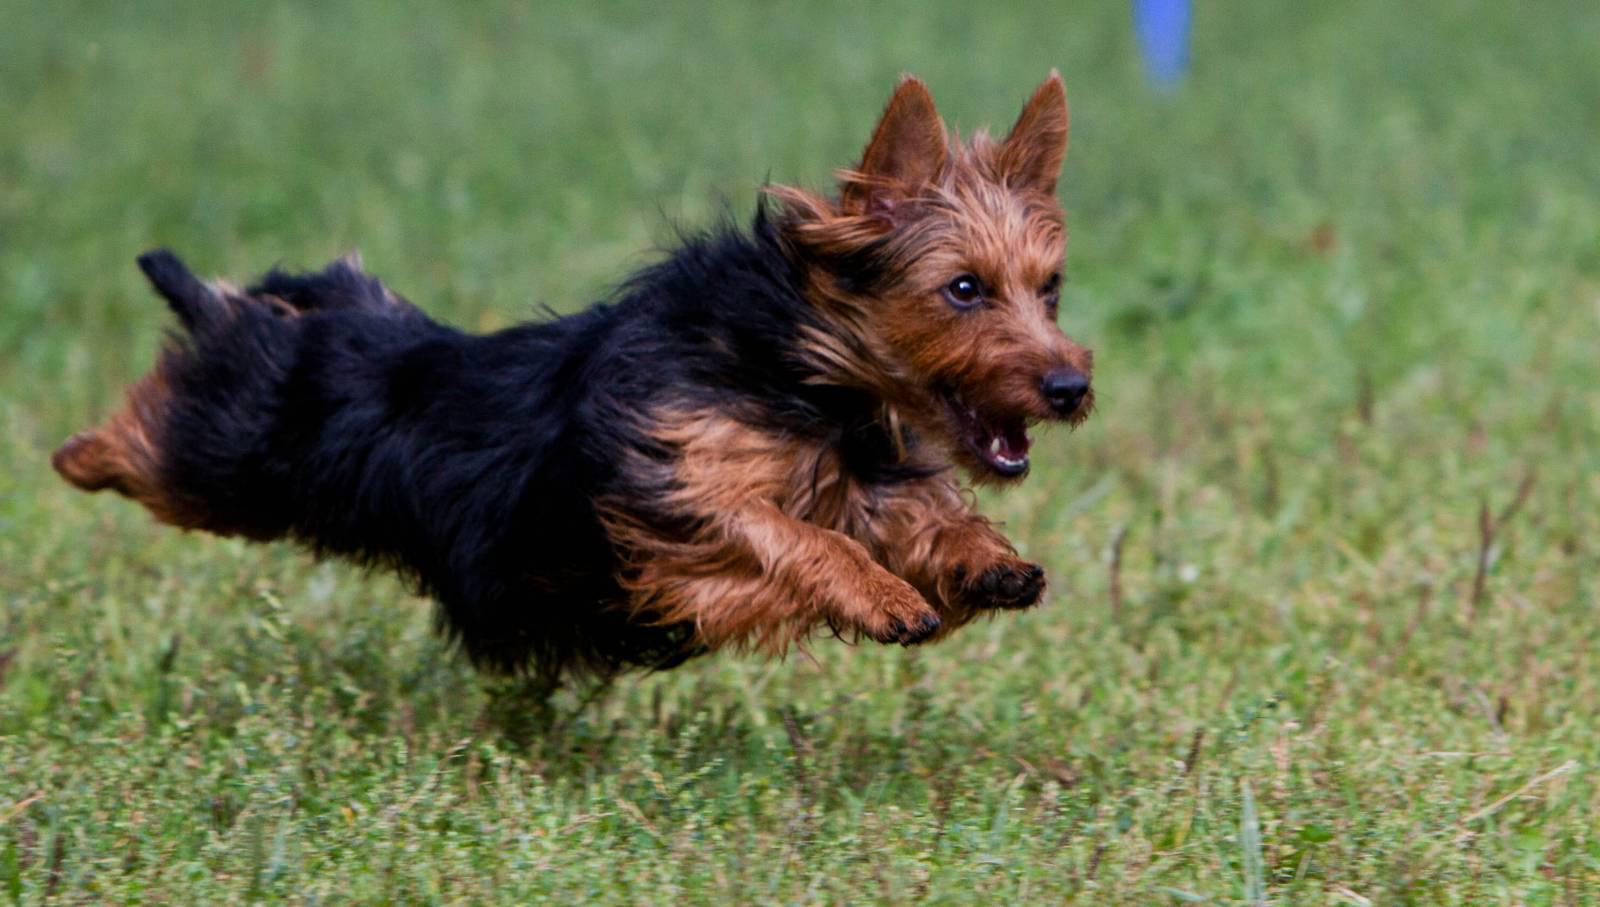 картинки собаки австралийский терьер днём рожденья